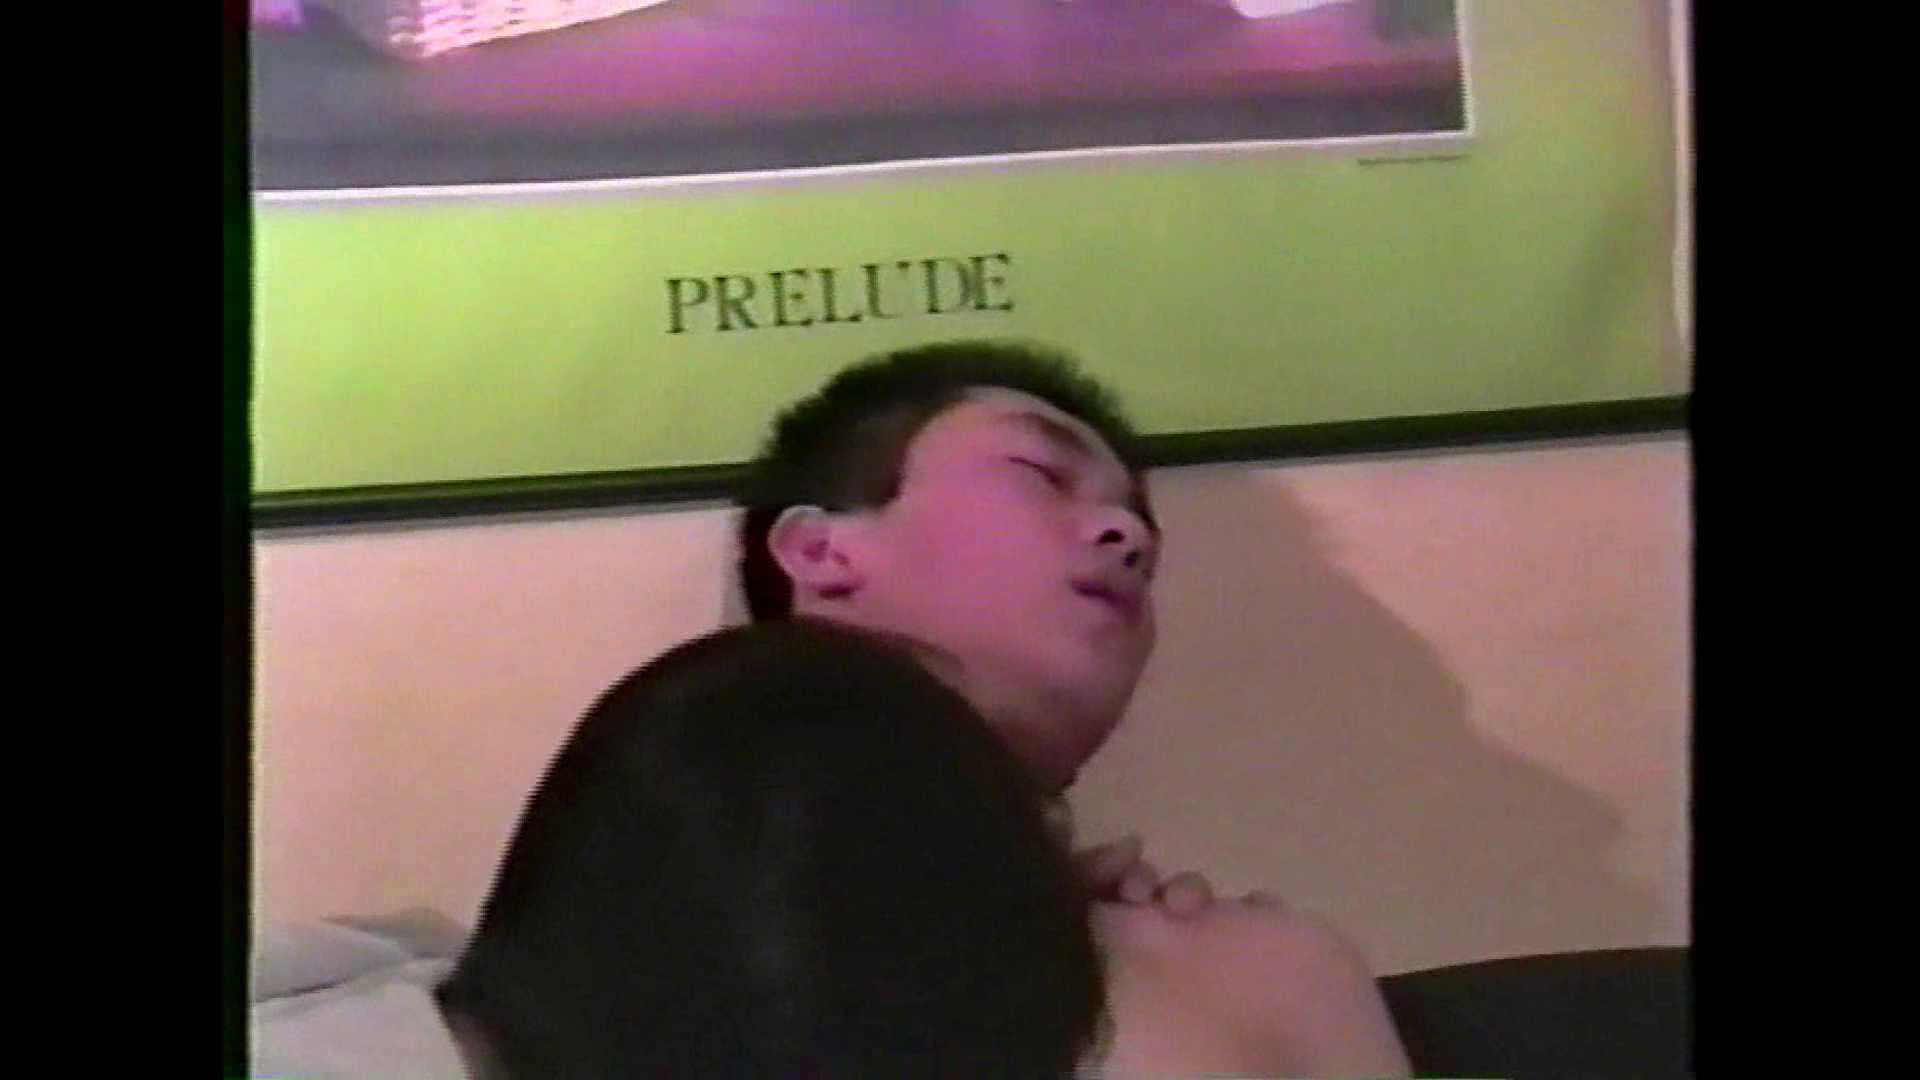 MADOKAさんのズリネタコレクションVol.2-1 フェラDE絶頂 | オナニー特集  80pic 36